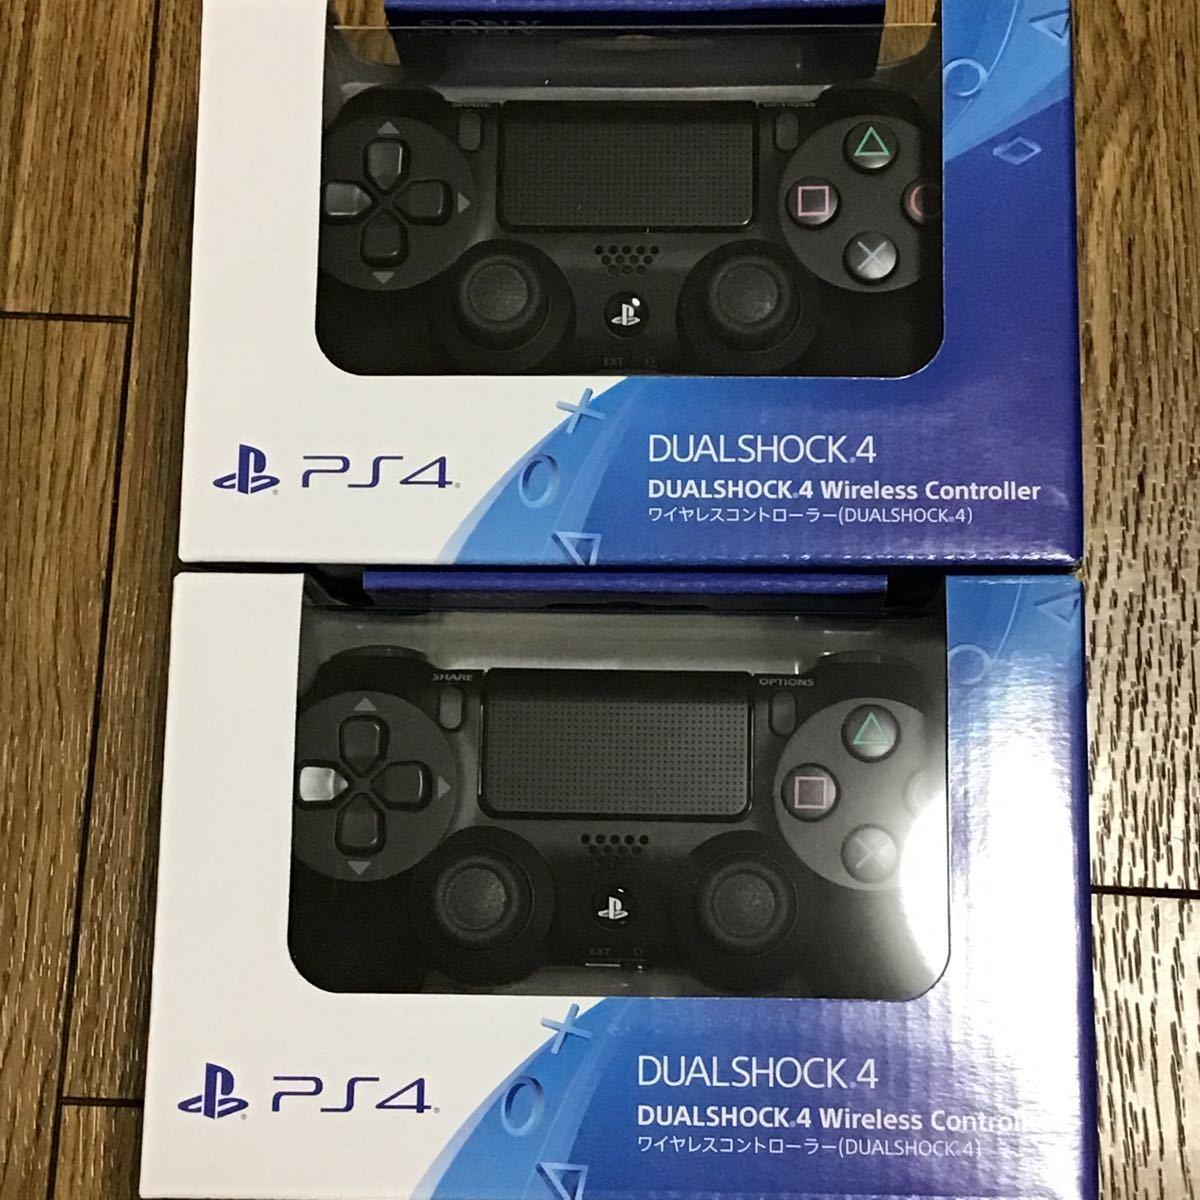 新品未使用 PS4 DUALSHOCK4 BLACK SONY ワイヤレスコントローラー ジェット・ブラック デュアルショック4